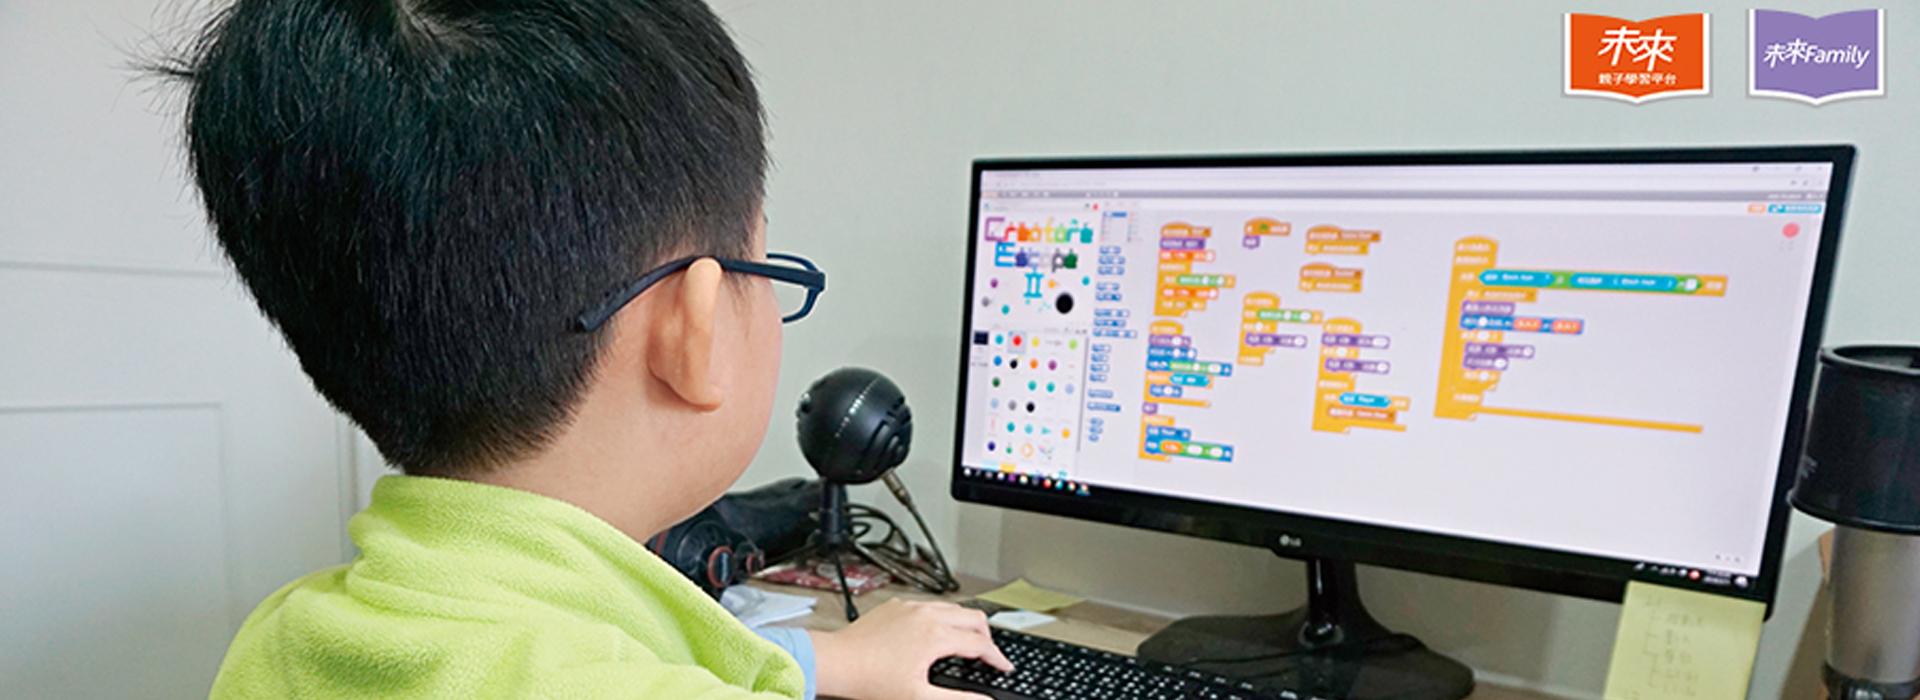 三度獲麻省理工學院官網推薦〉小五生創作小遊戲 征服歐美小玩家